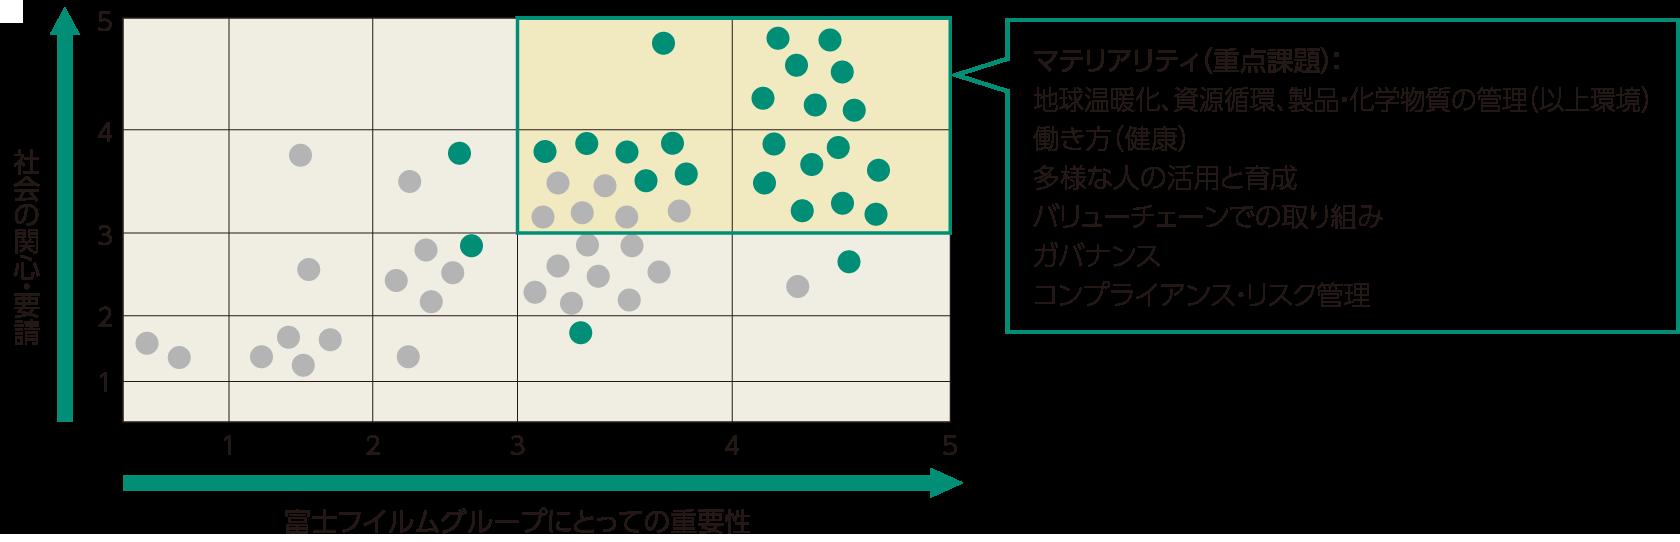 重点課題抽出のための重要性評価マップ